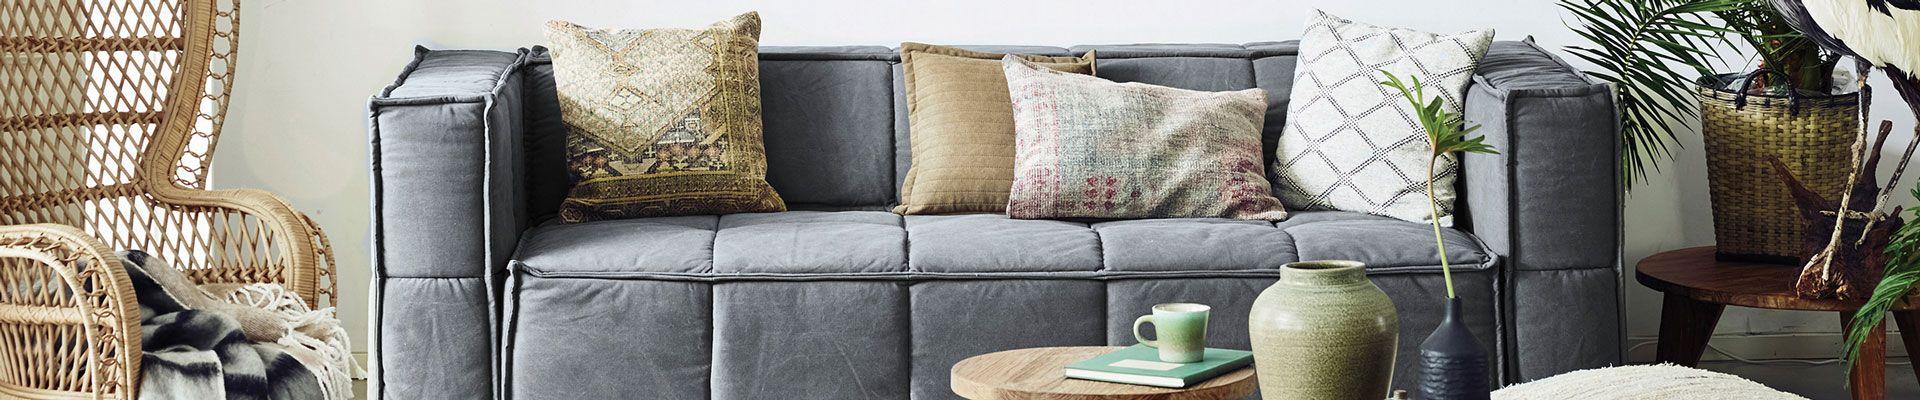 3 x Tips voor een woonkamer met najaarslook